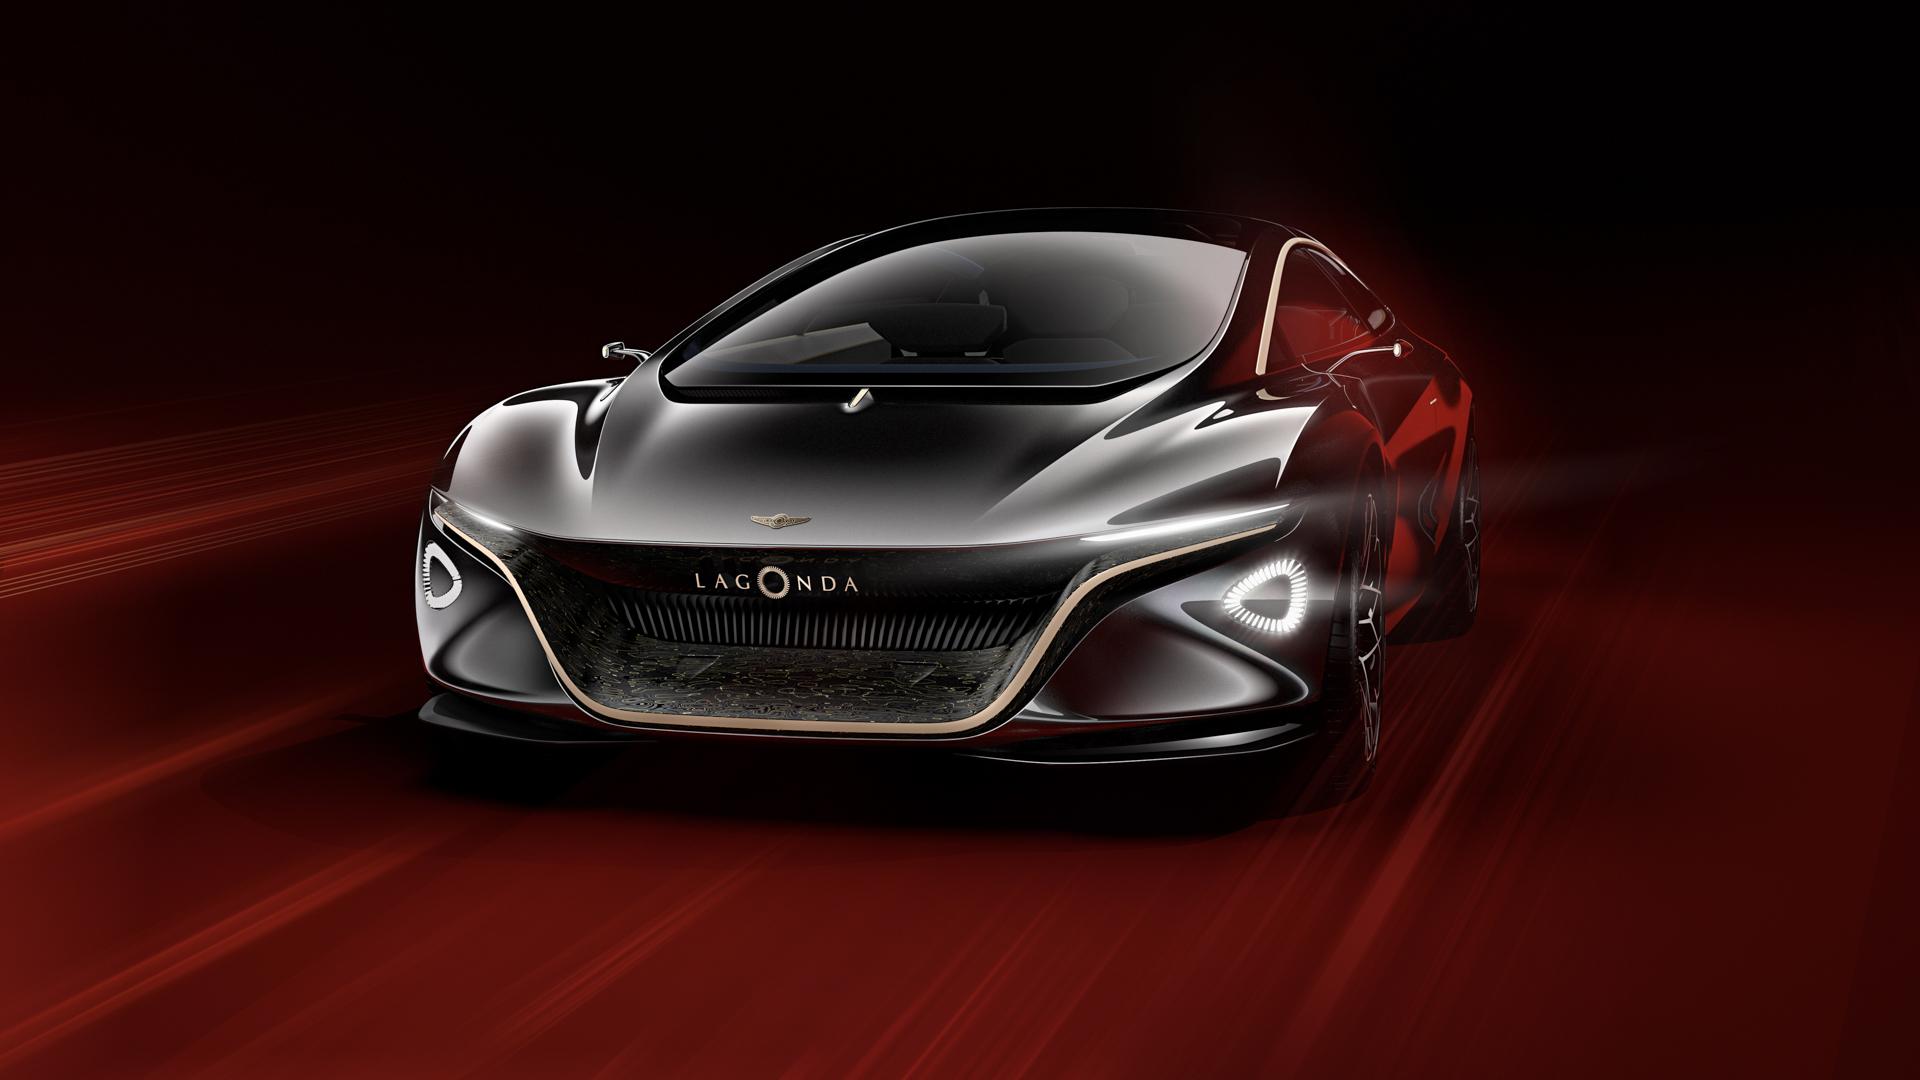 Aston Martin Lagonda All Terrain Concept 6 of 23